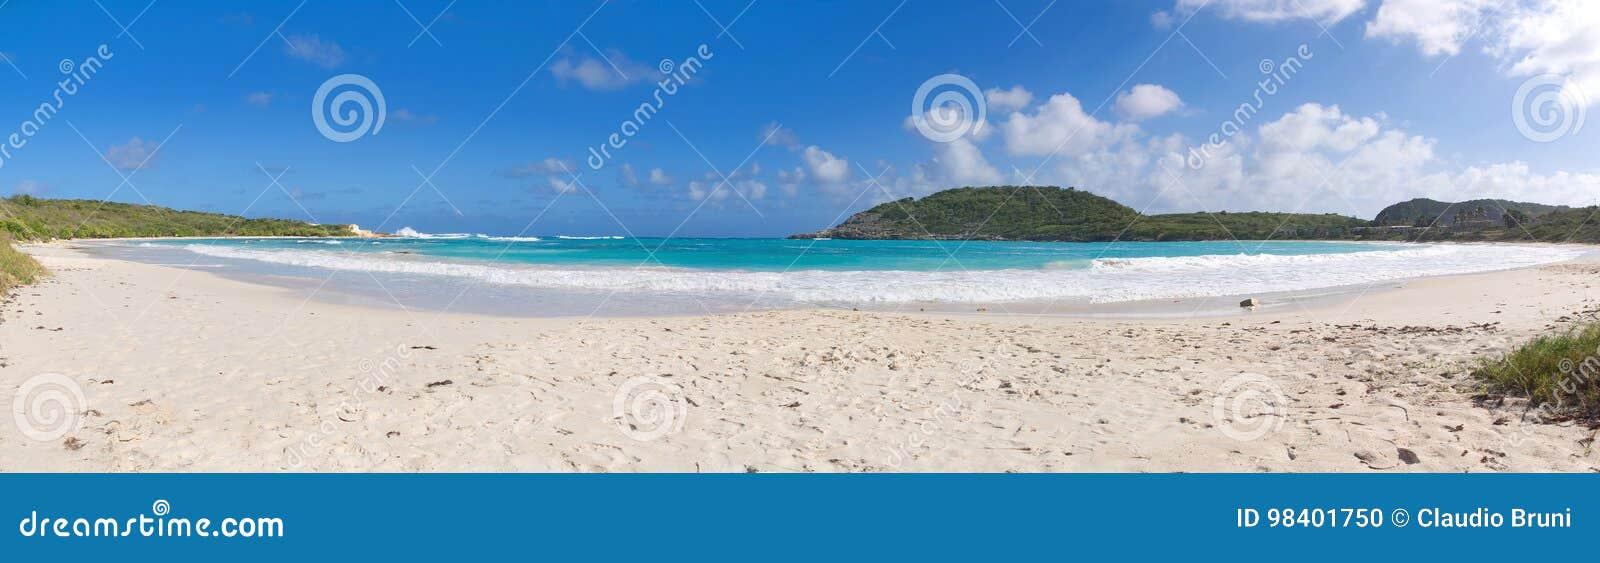 Costa de Half Moon Bay Océano Atlántico - isla tropical del Caribe - Antigua y Barbuda